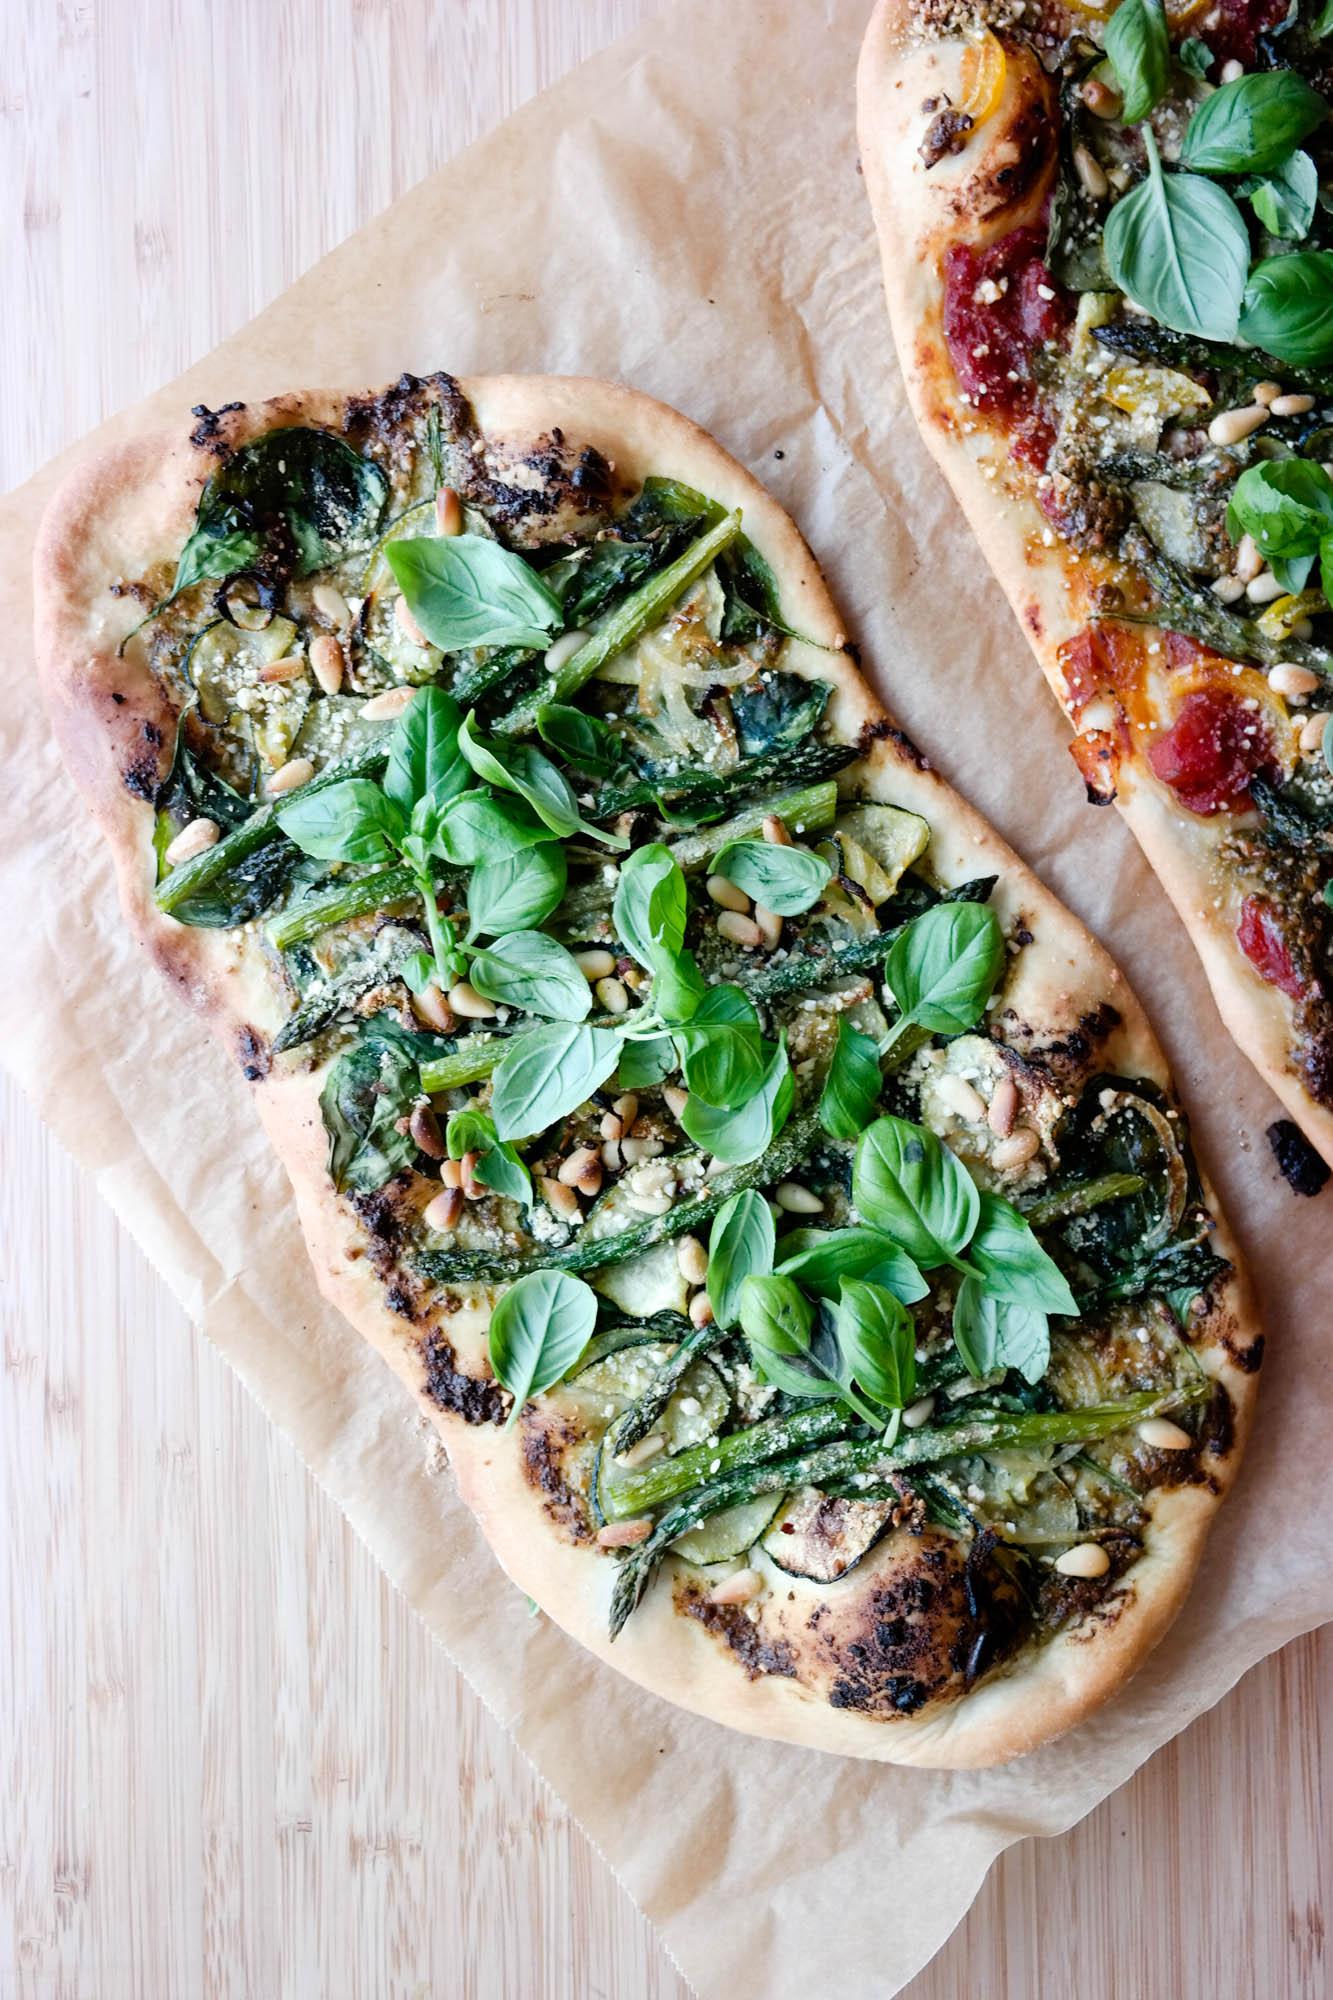 Grønn pizza er min all time-fav pizza! Fordi alt som er grønt er godt, vet du.